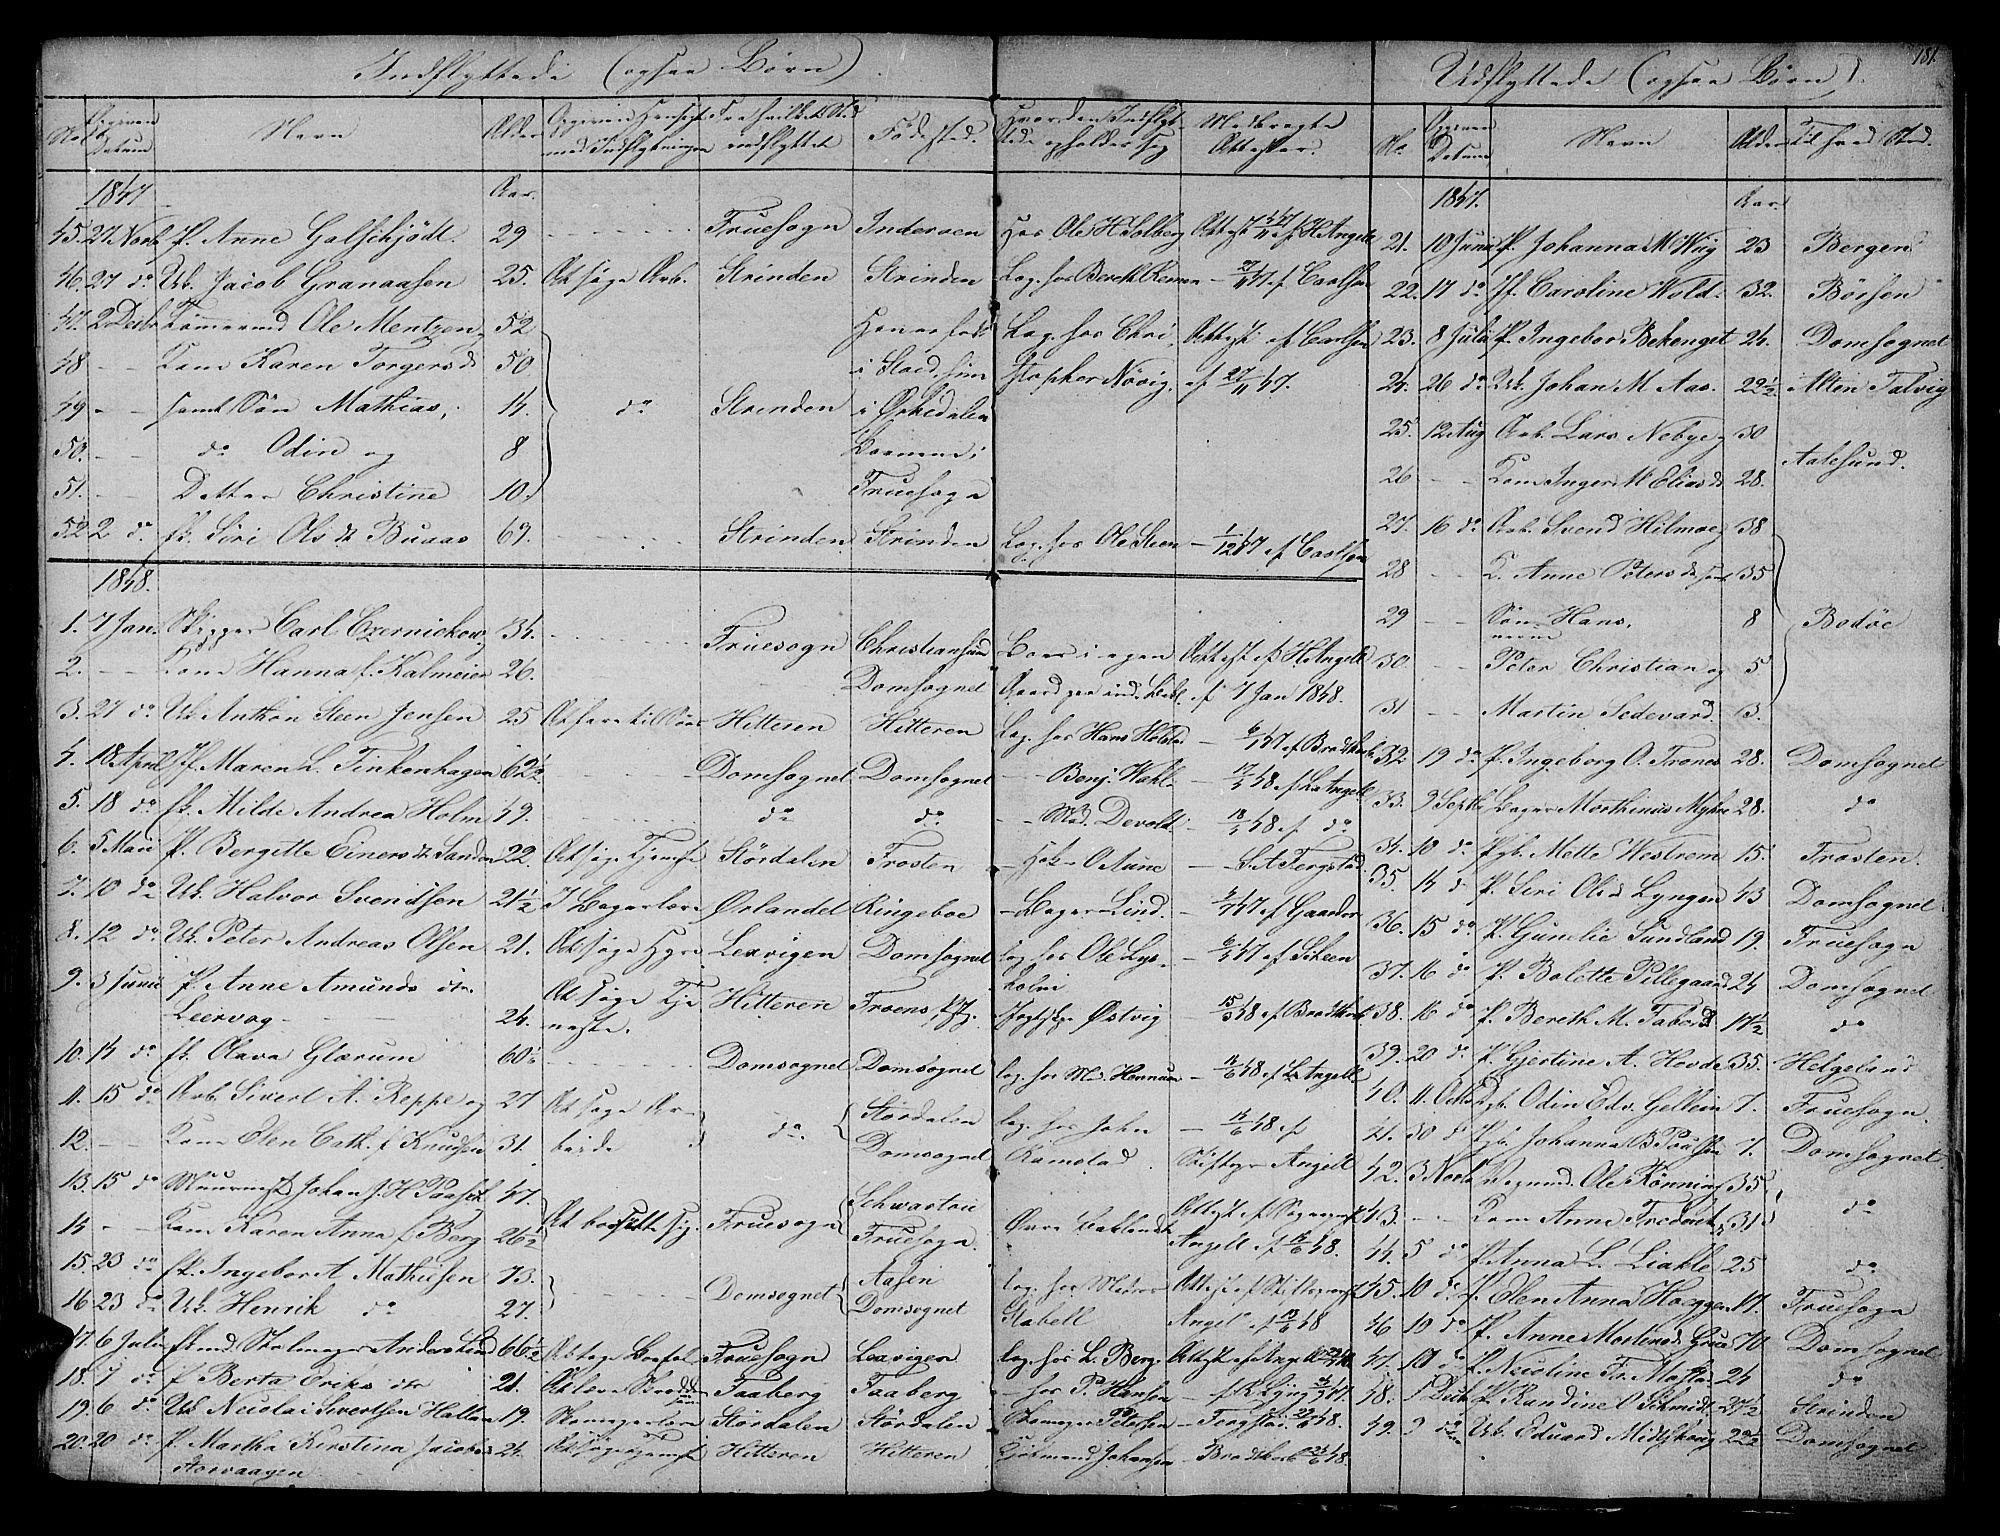 SAT, Ministerialprotokoller, klokkerbøker og fødselsregistre - Sør-Trøndelag, 604/L0182: Ministerialbok nr. 604A03, 1818-1850, s. 181